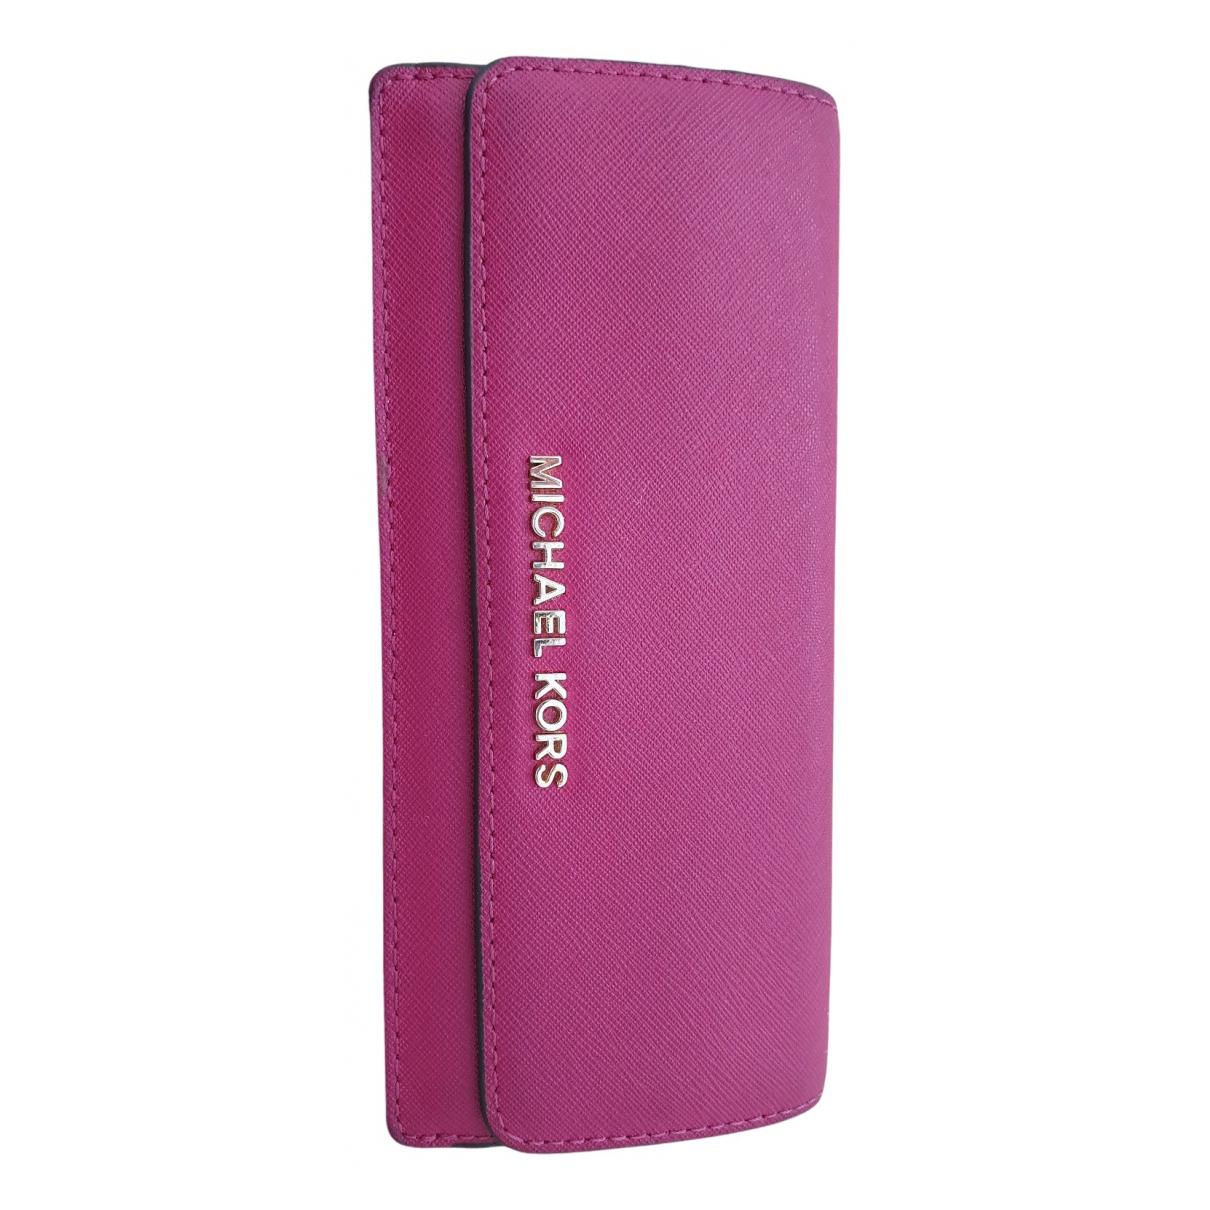 Michael Kors - Portefeuille   pour femme en cuir - rose